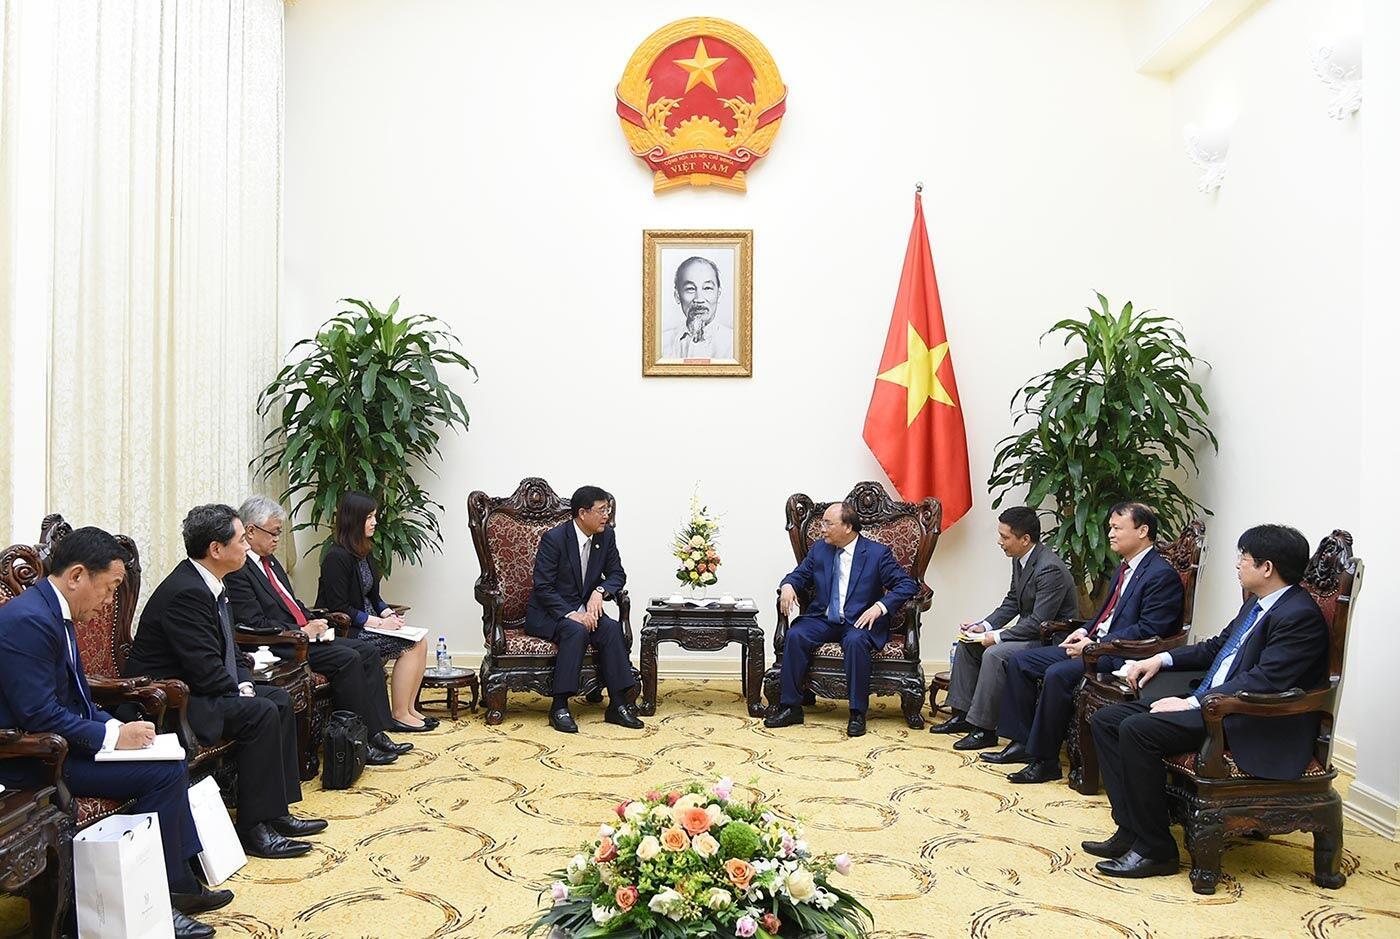 Tổng Giám đốc điều hành cấp cao của Mitsubishi Motors gặp mặt Thủ tướng Việt Nam - Hình 1